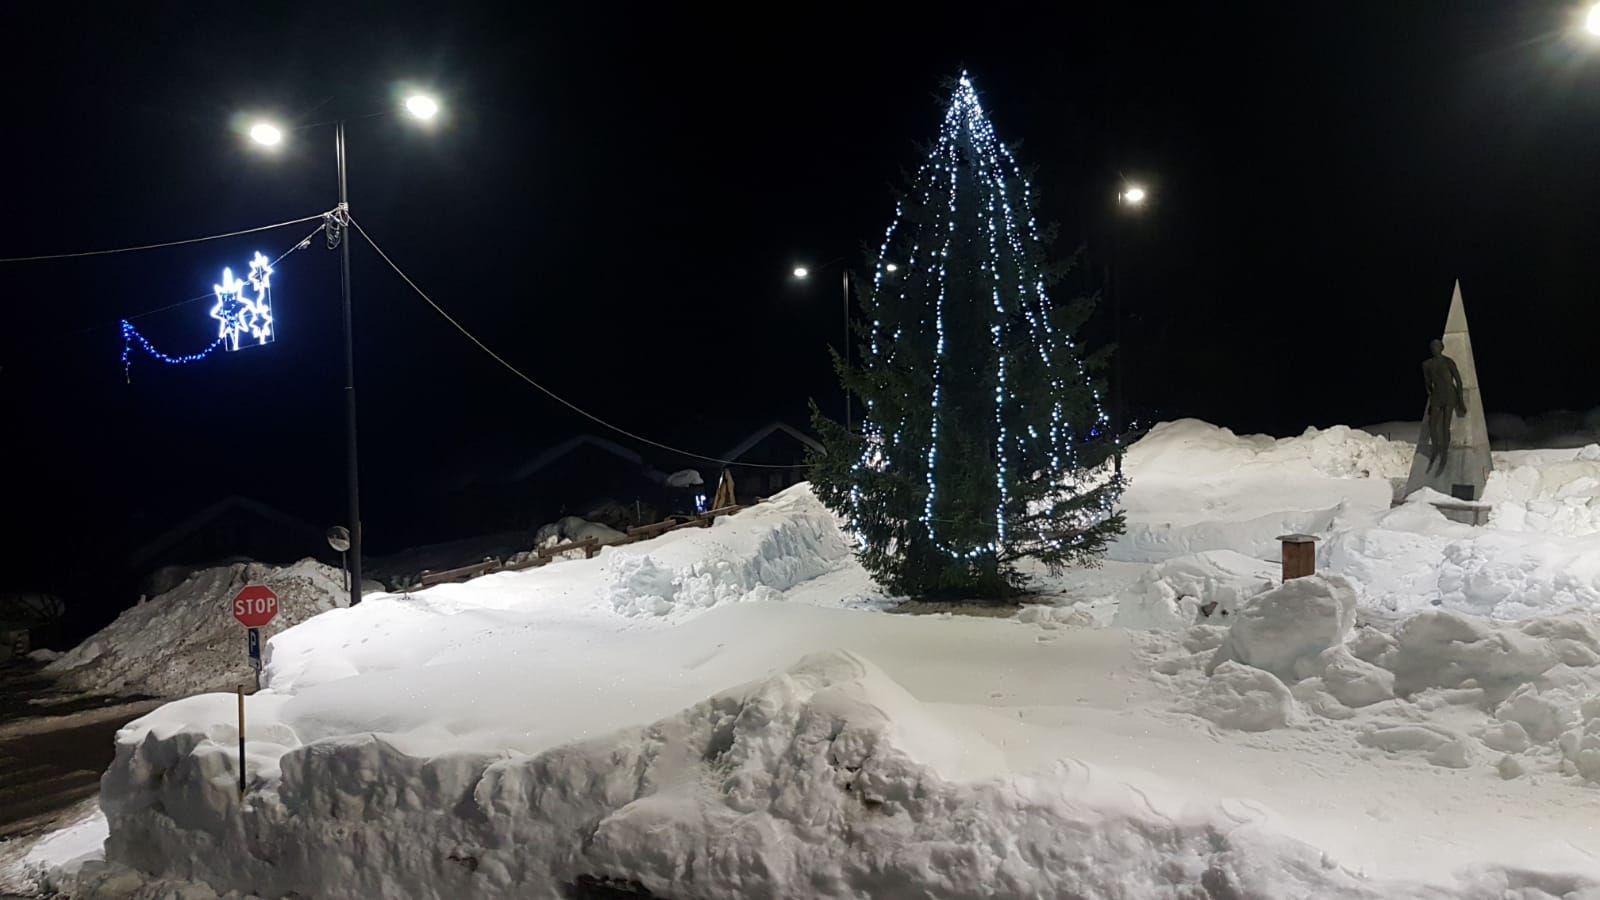 CERESOLE REALE - Accesi l'albero di Natale e il presepe nella neve